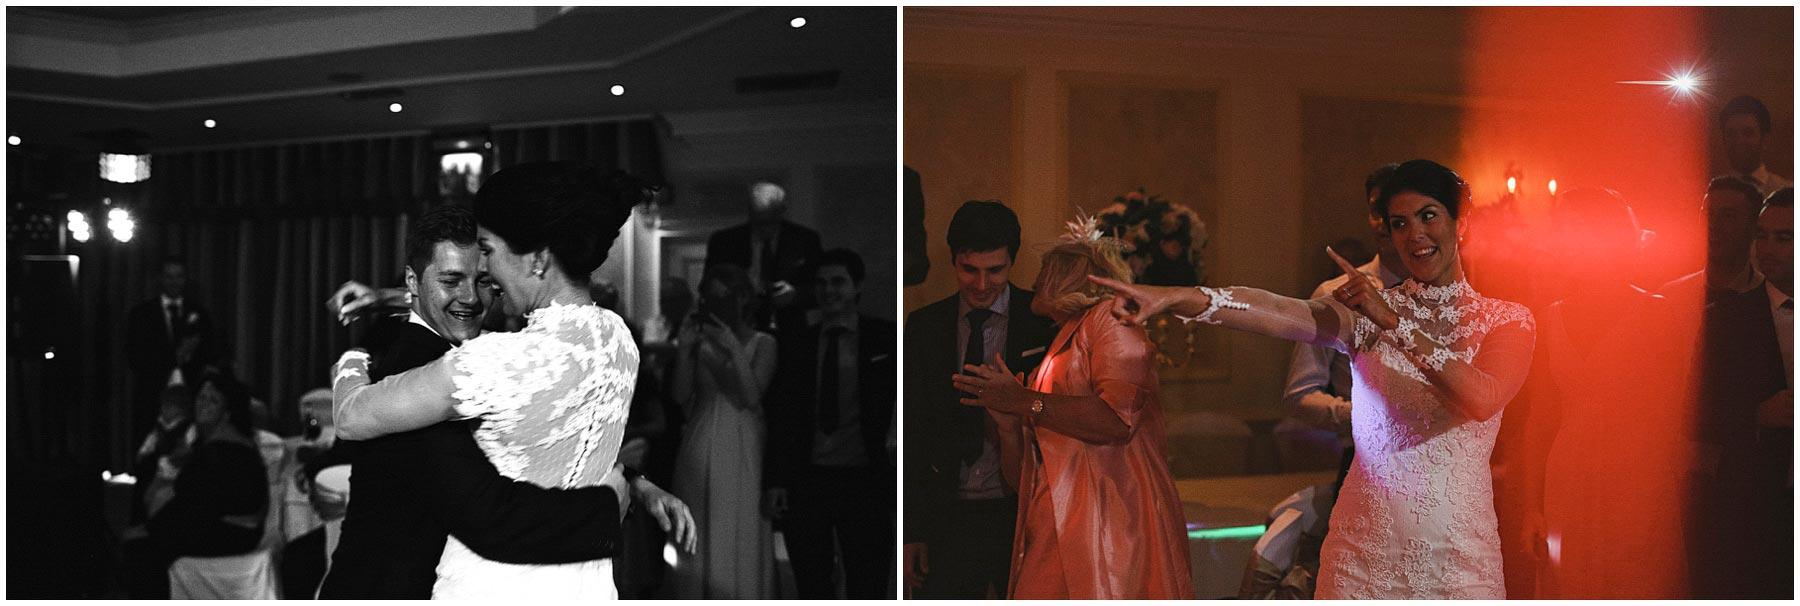 Wentbridge-House-Wedding-Photography-139